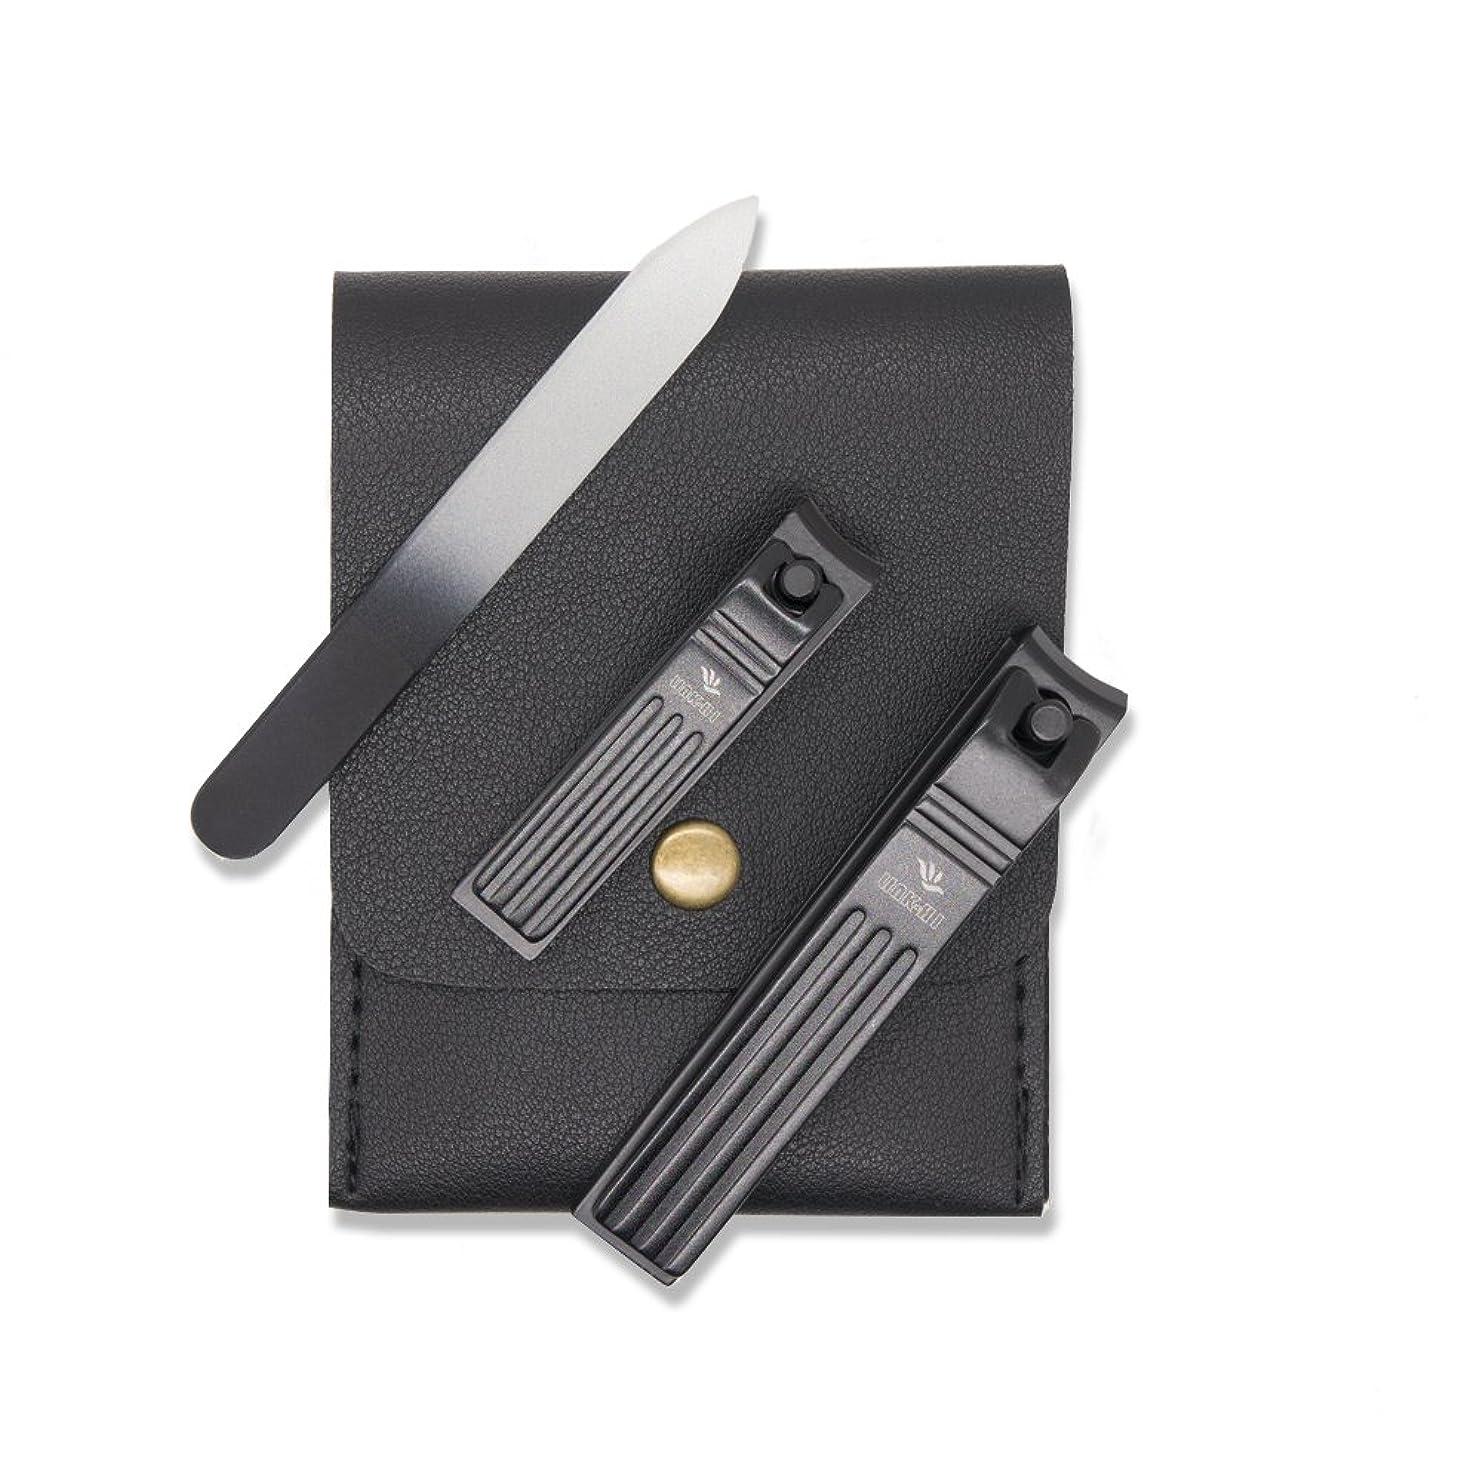 警告するうれしい電池LINK - HI爪クリッパーは、黒いステンレス鋼2 mmの広い顎を開けているカーブした刃指爪と爪爪刃 [並行輸入品]